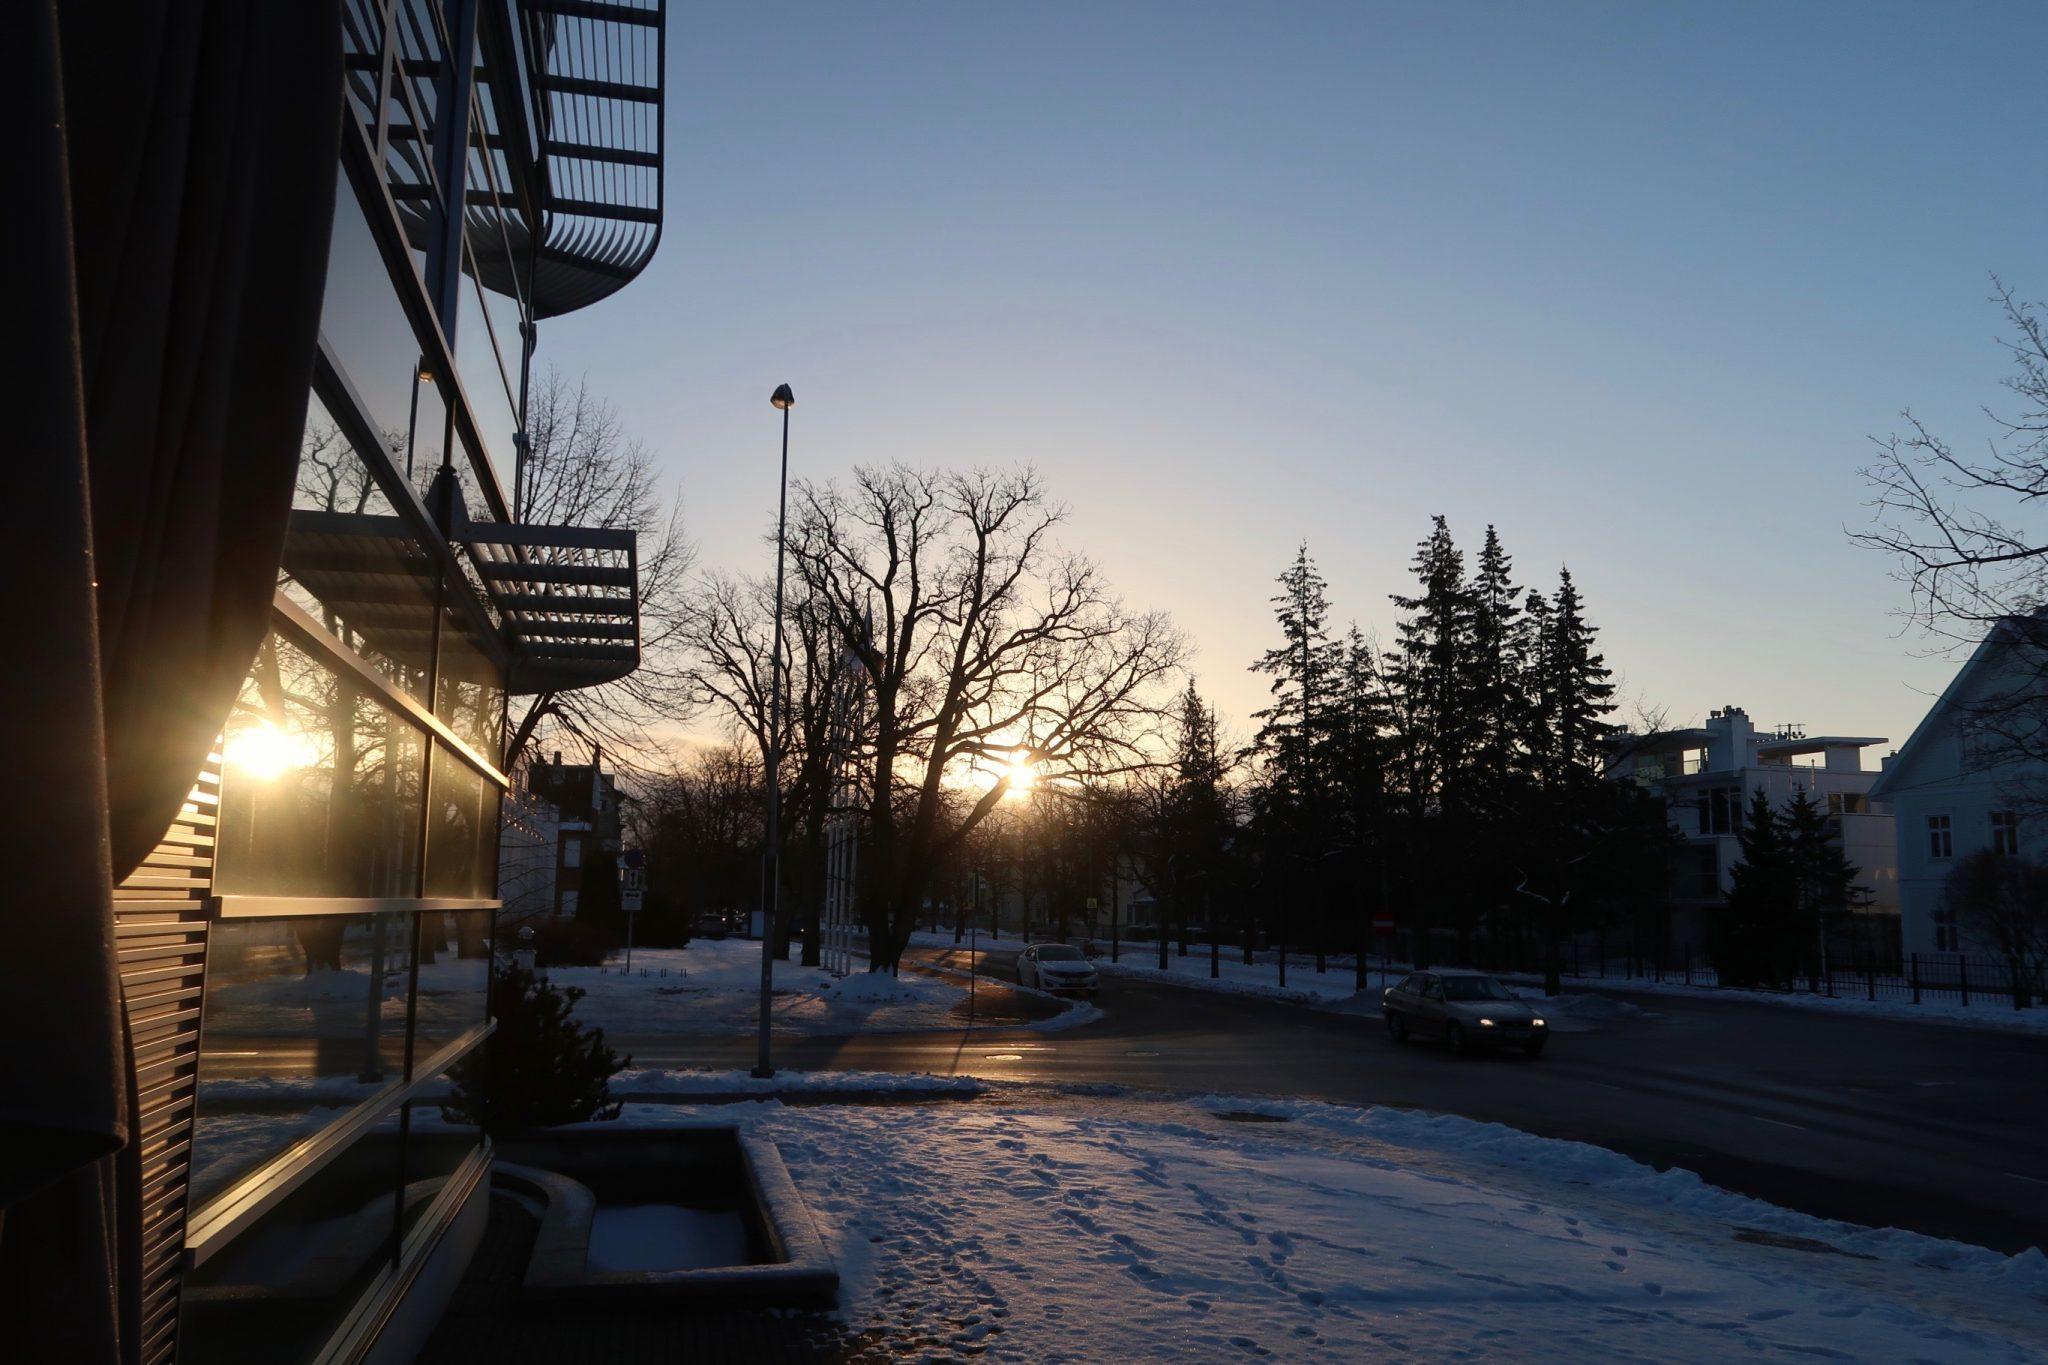 Pärnu auringonnousu